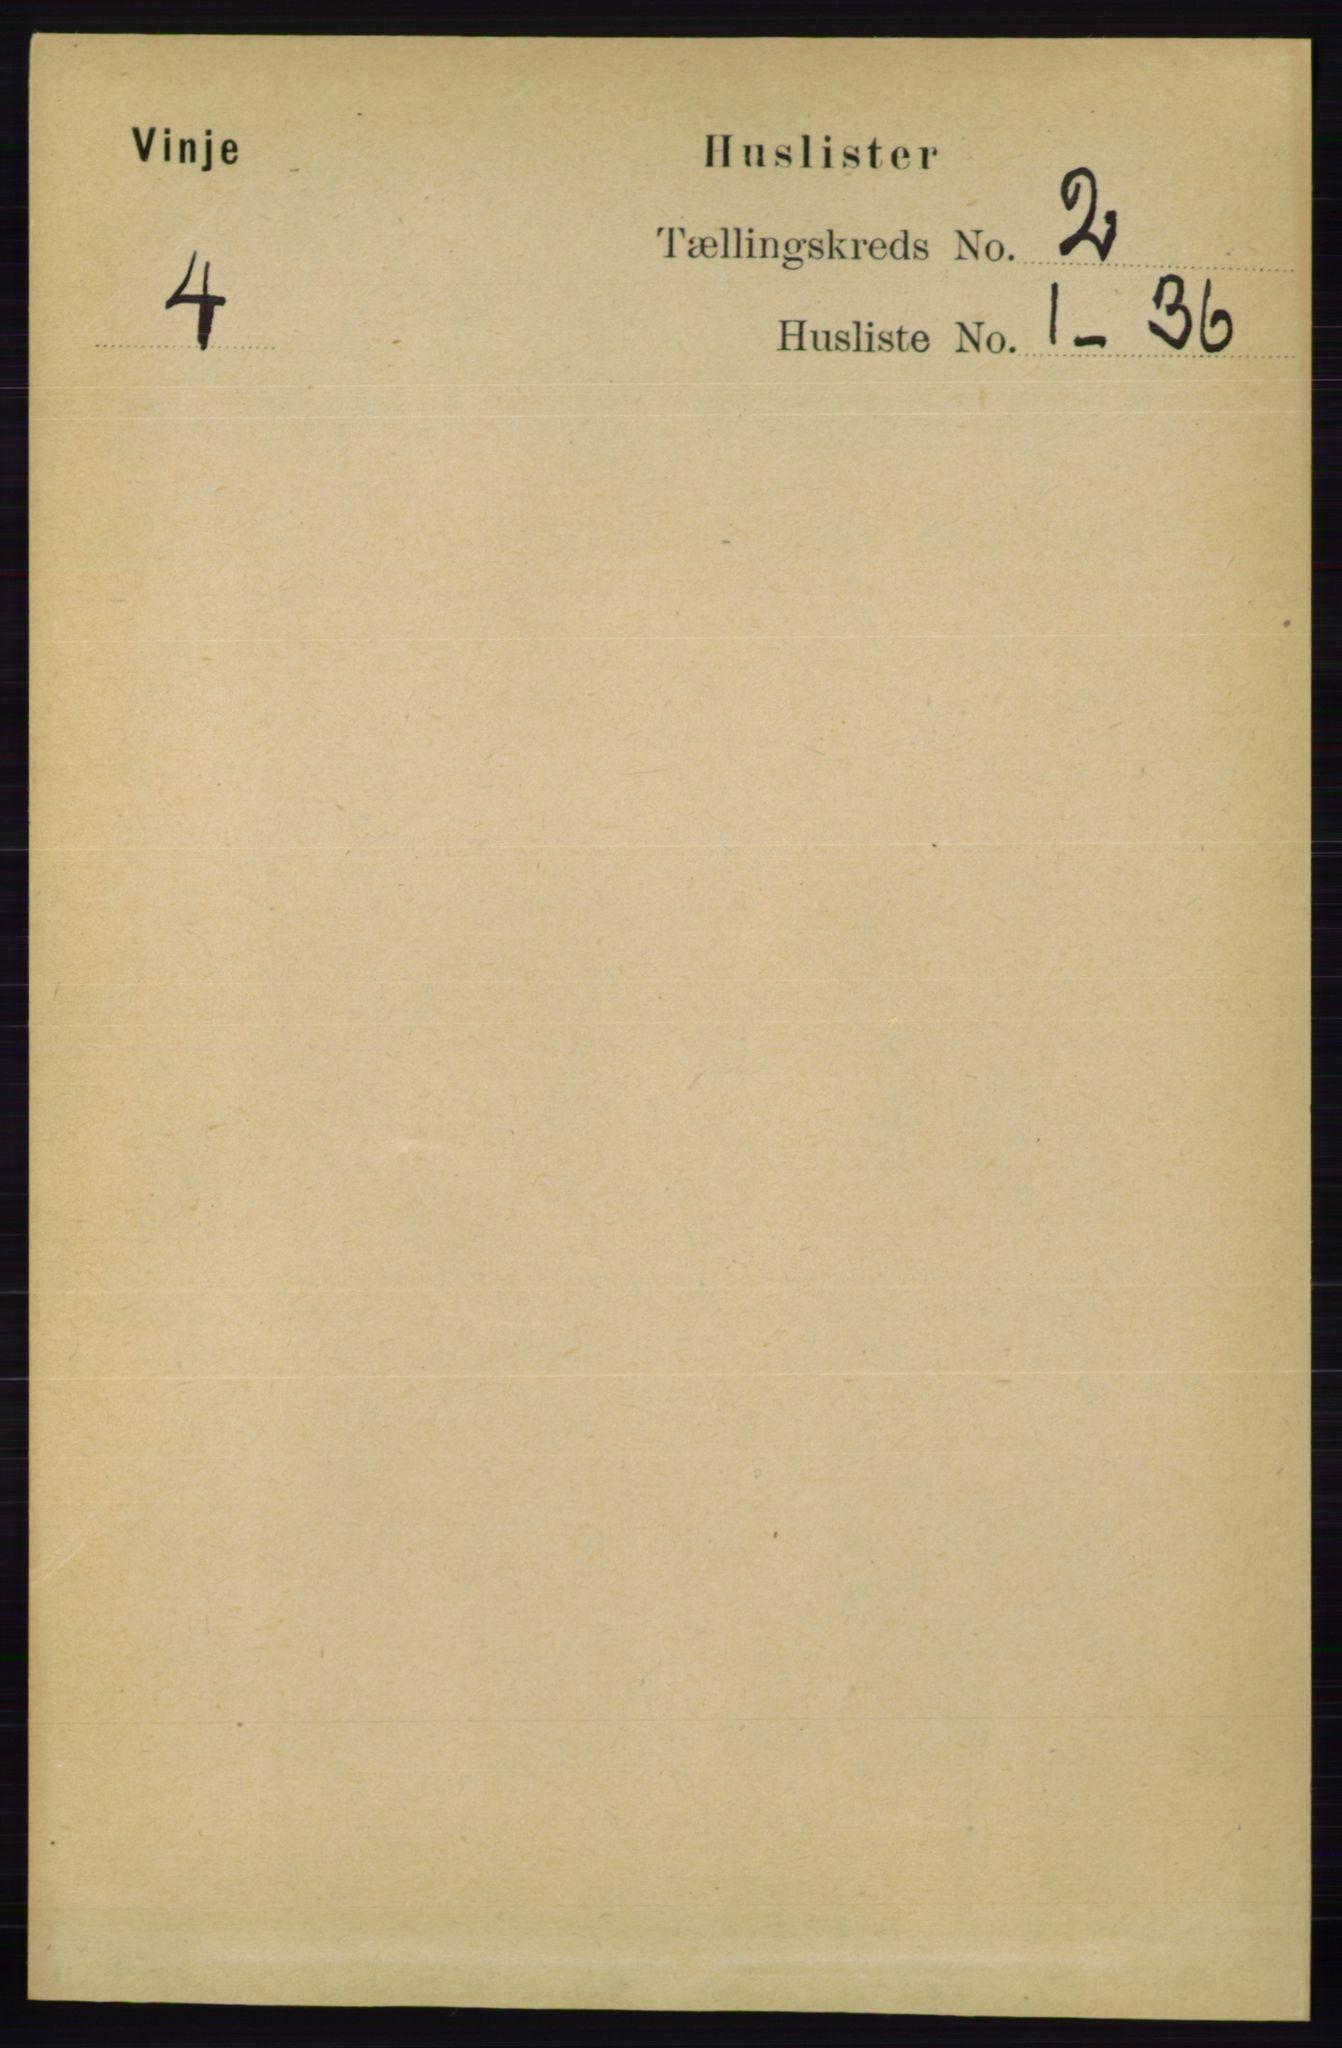 RA, Folketelling 1891 for 0834 Vinje herred, 1891, s. 317